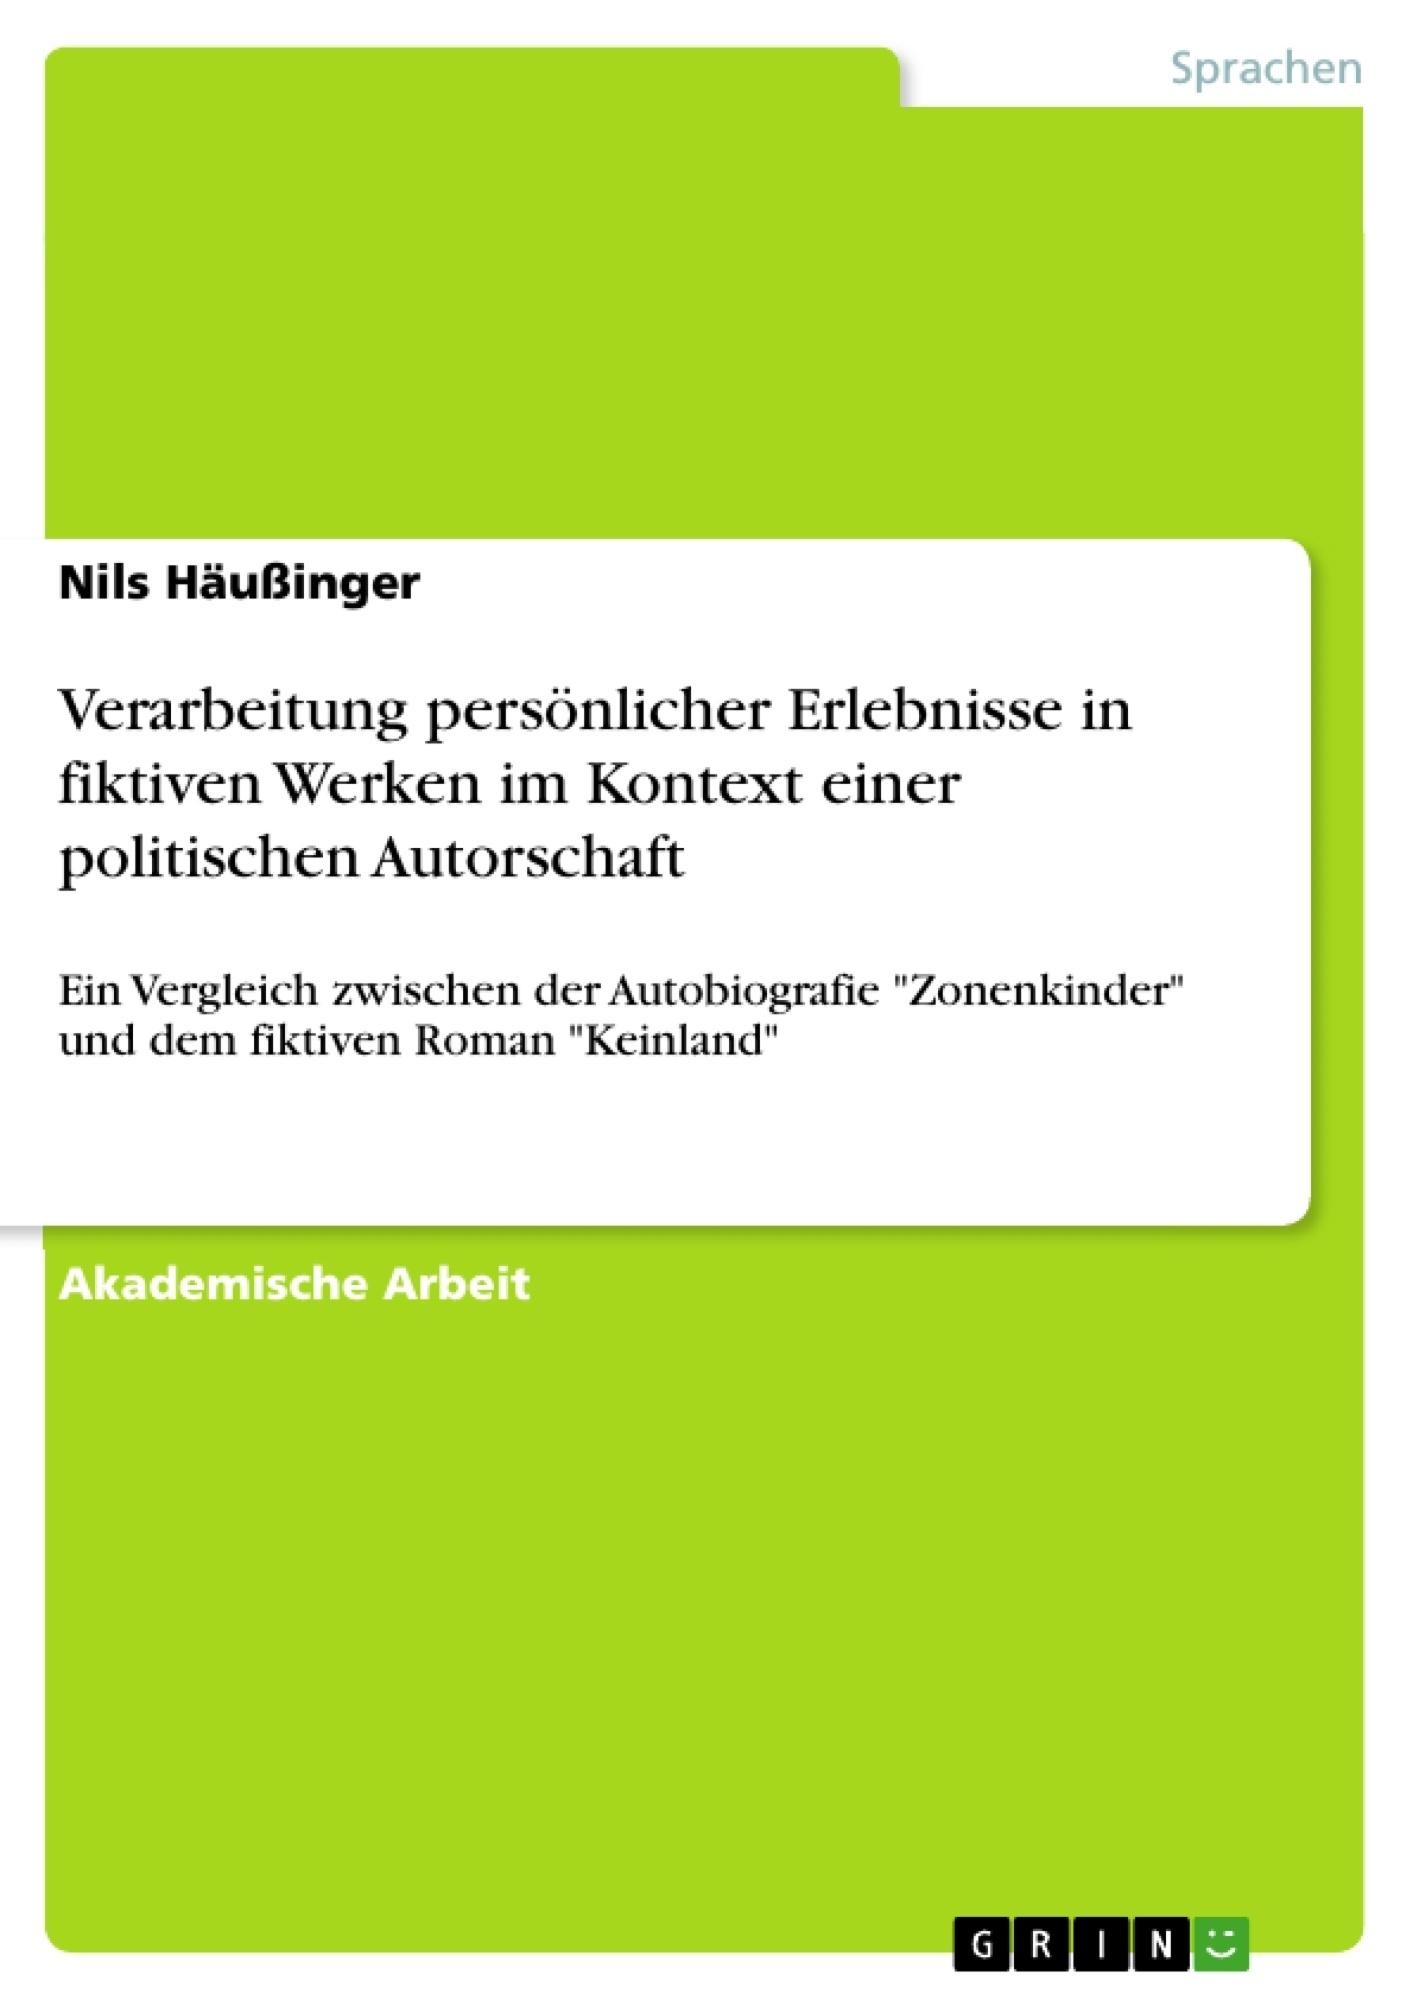 Titel: Verarbeitung persönlicher Erlebnisse in fiktiven Werken im Kontext einer politischen Autorschaft